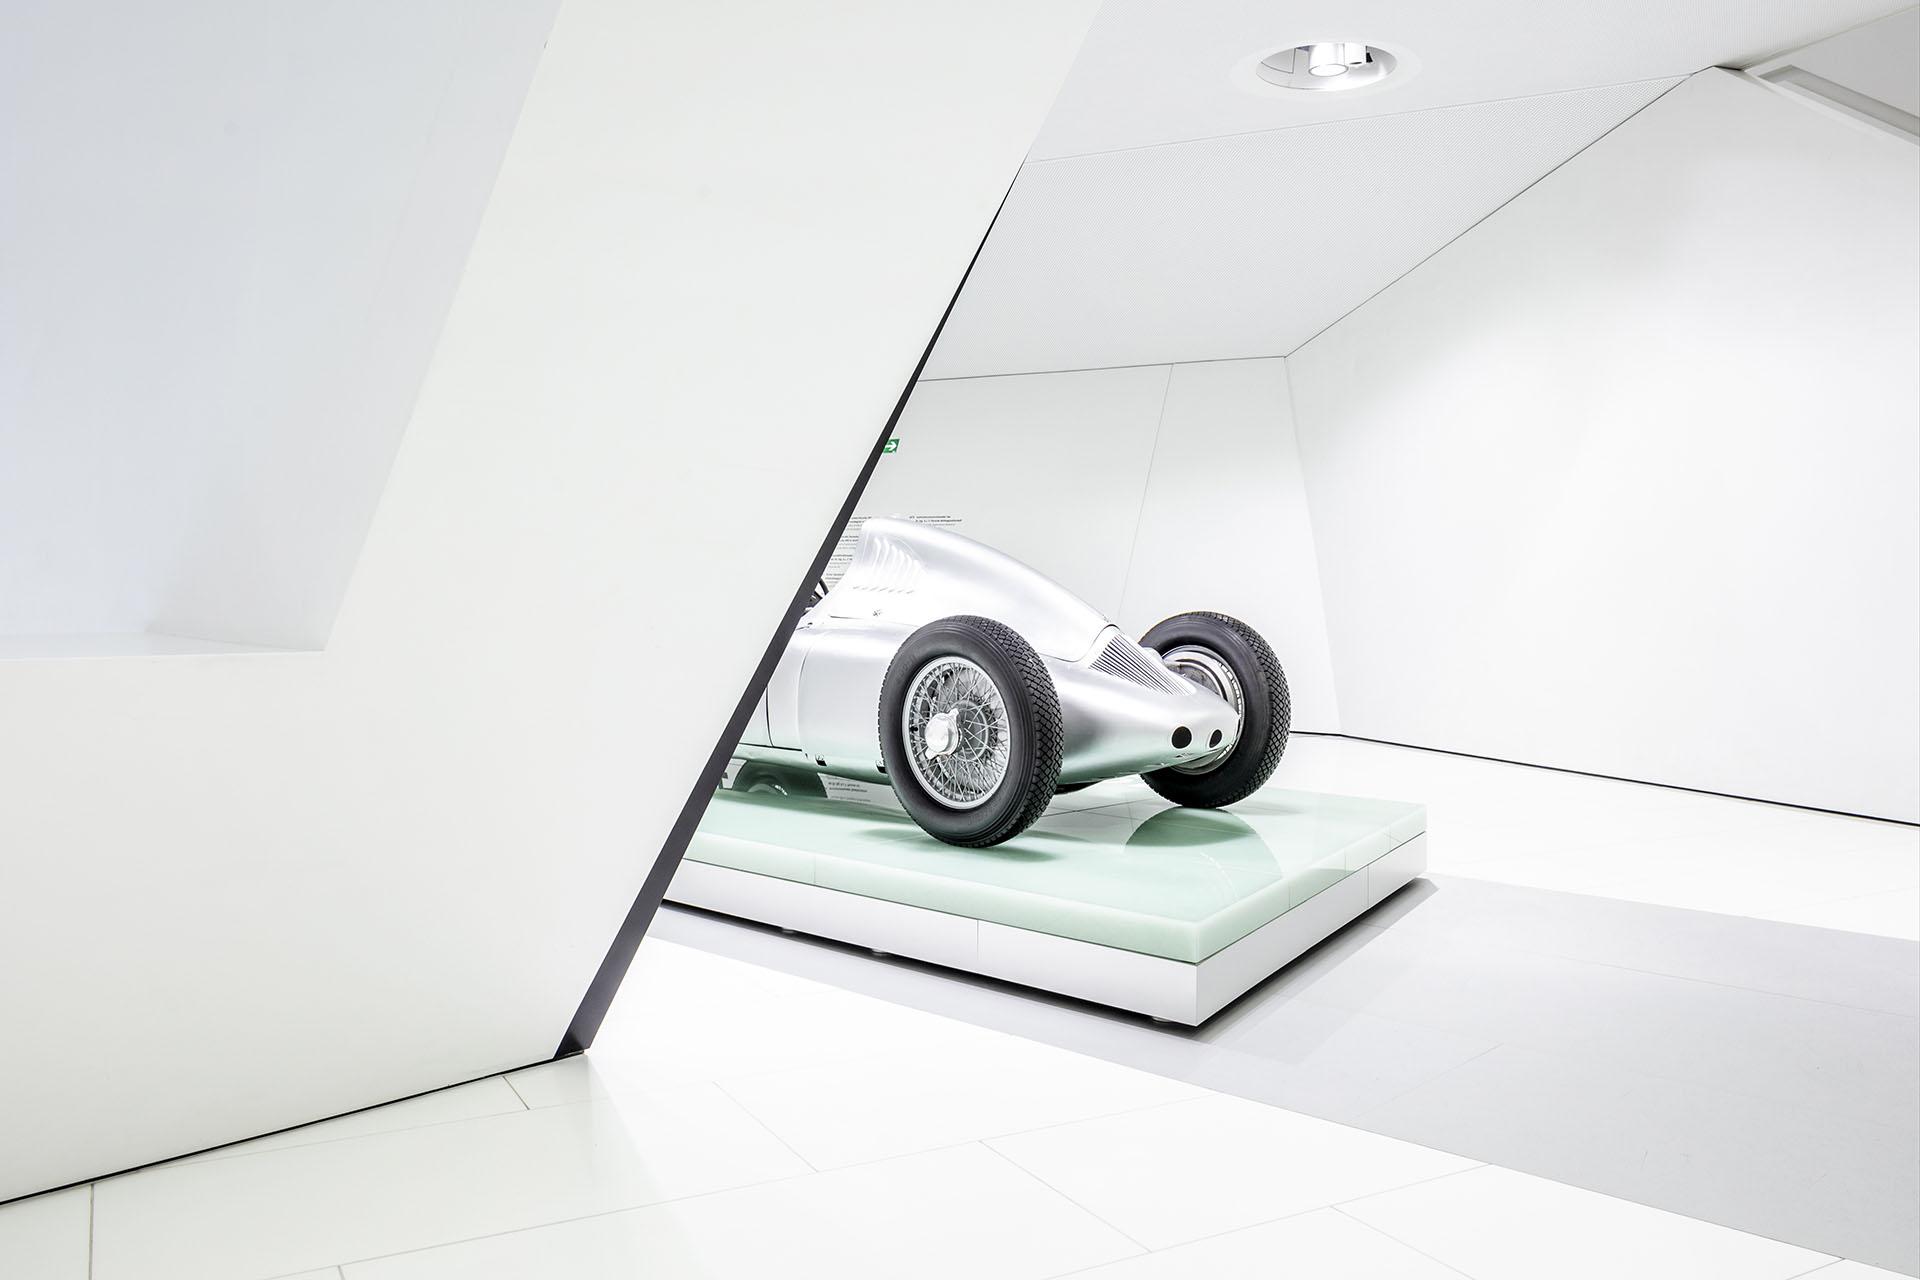 A9A3242x - PORSCHE MUSEUM